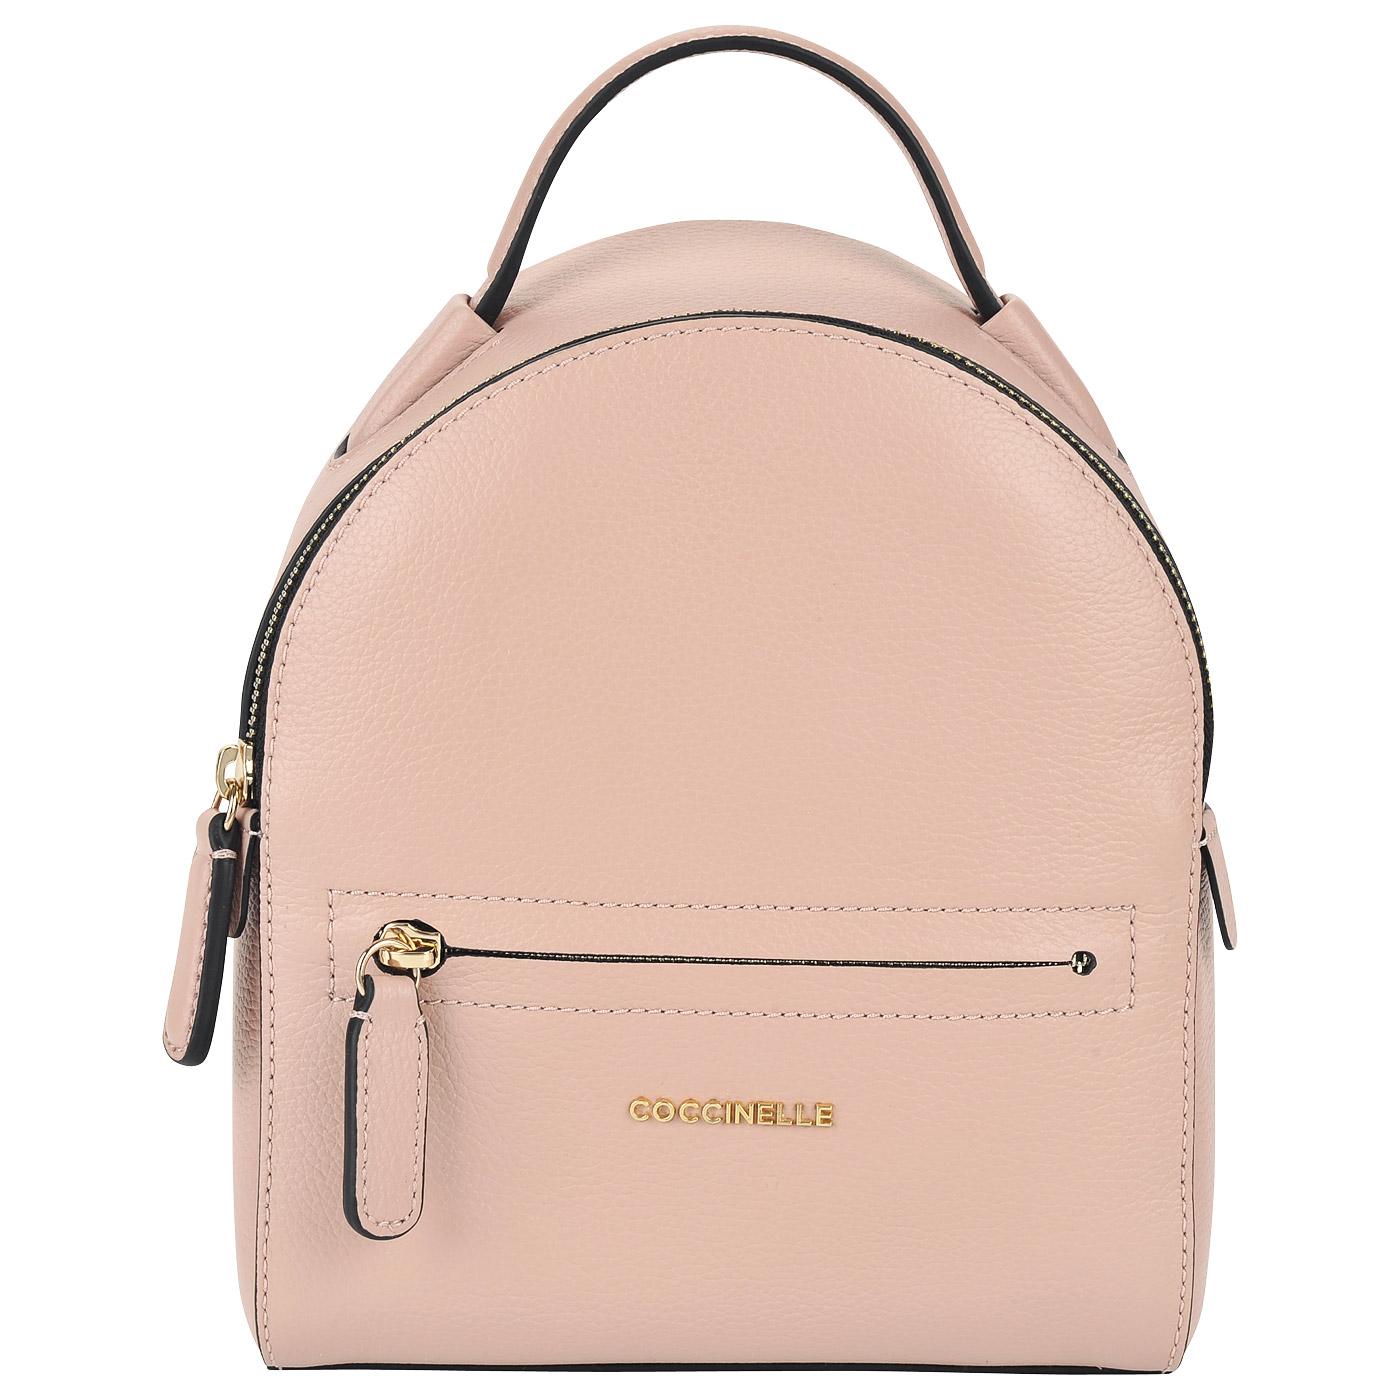 d80150c87748 Маленький женский рюкзак из натуральной кожи Coccinelle Clementine soft ...